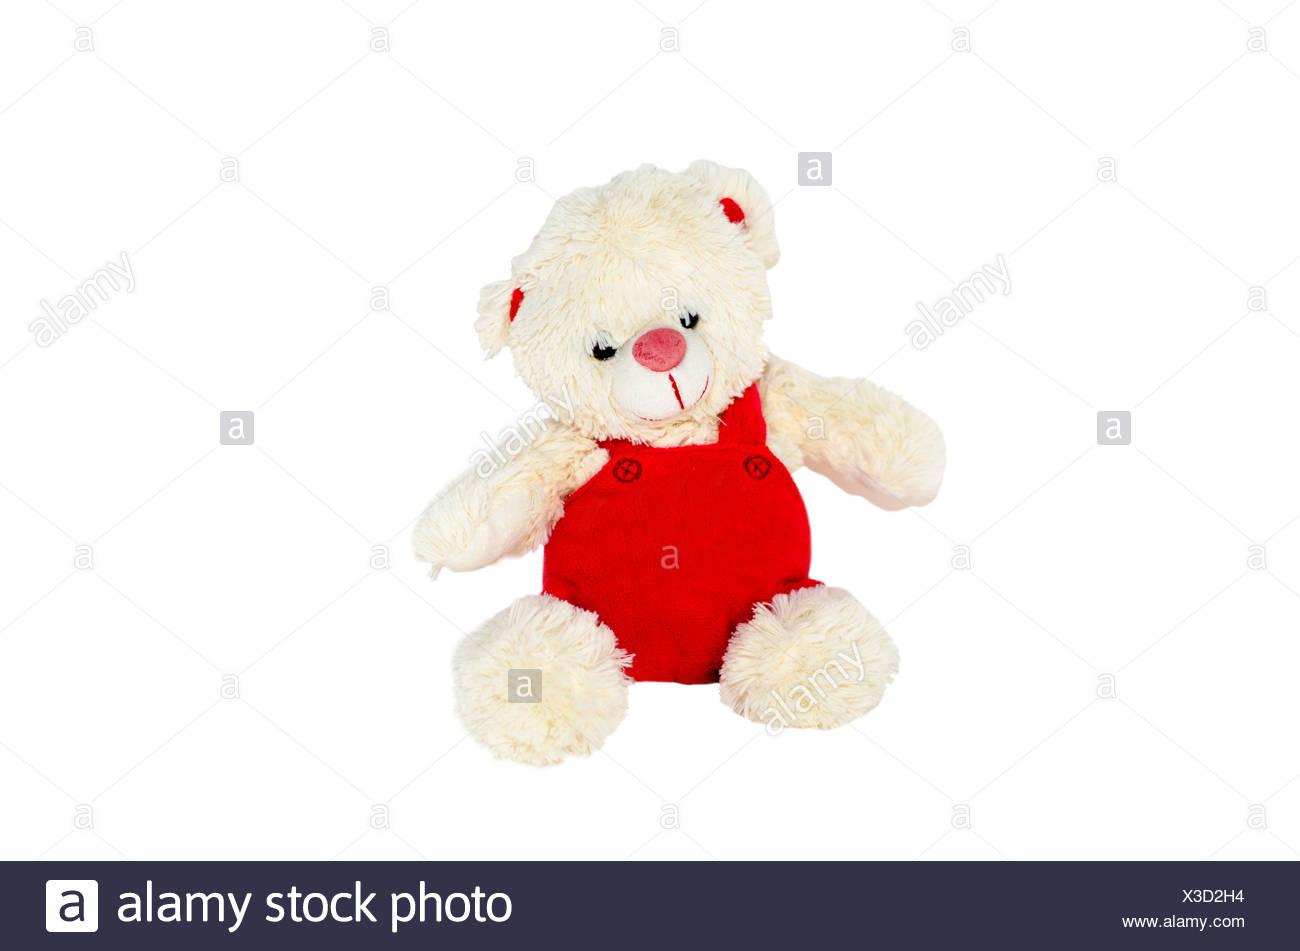 Isolate plush bear - Stock Image